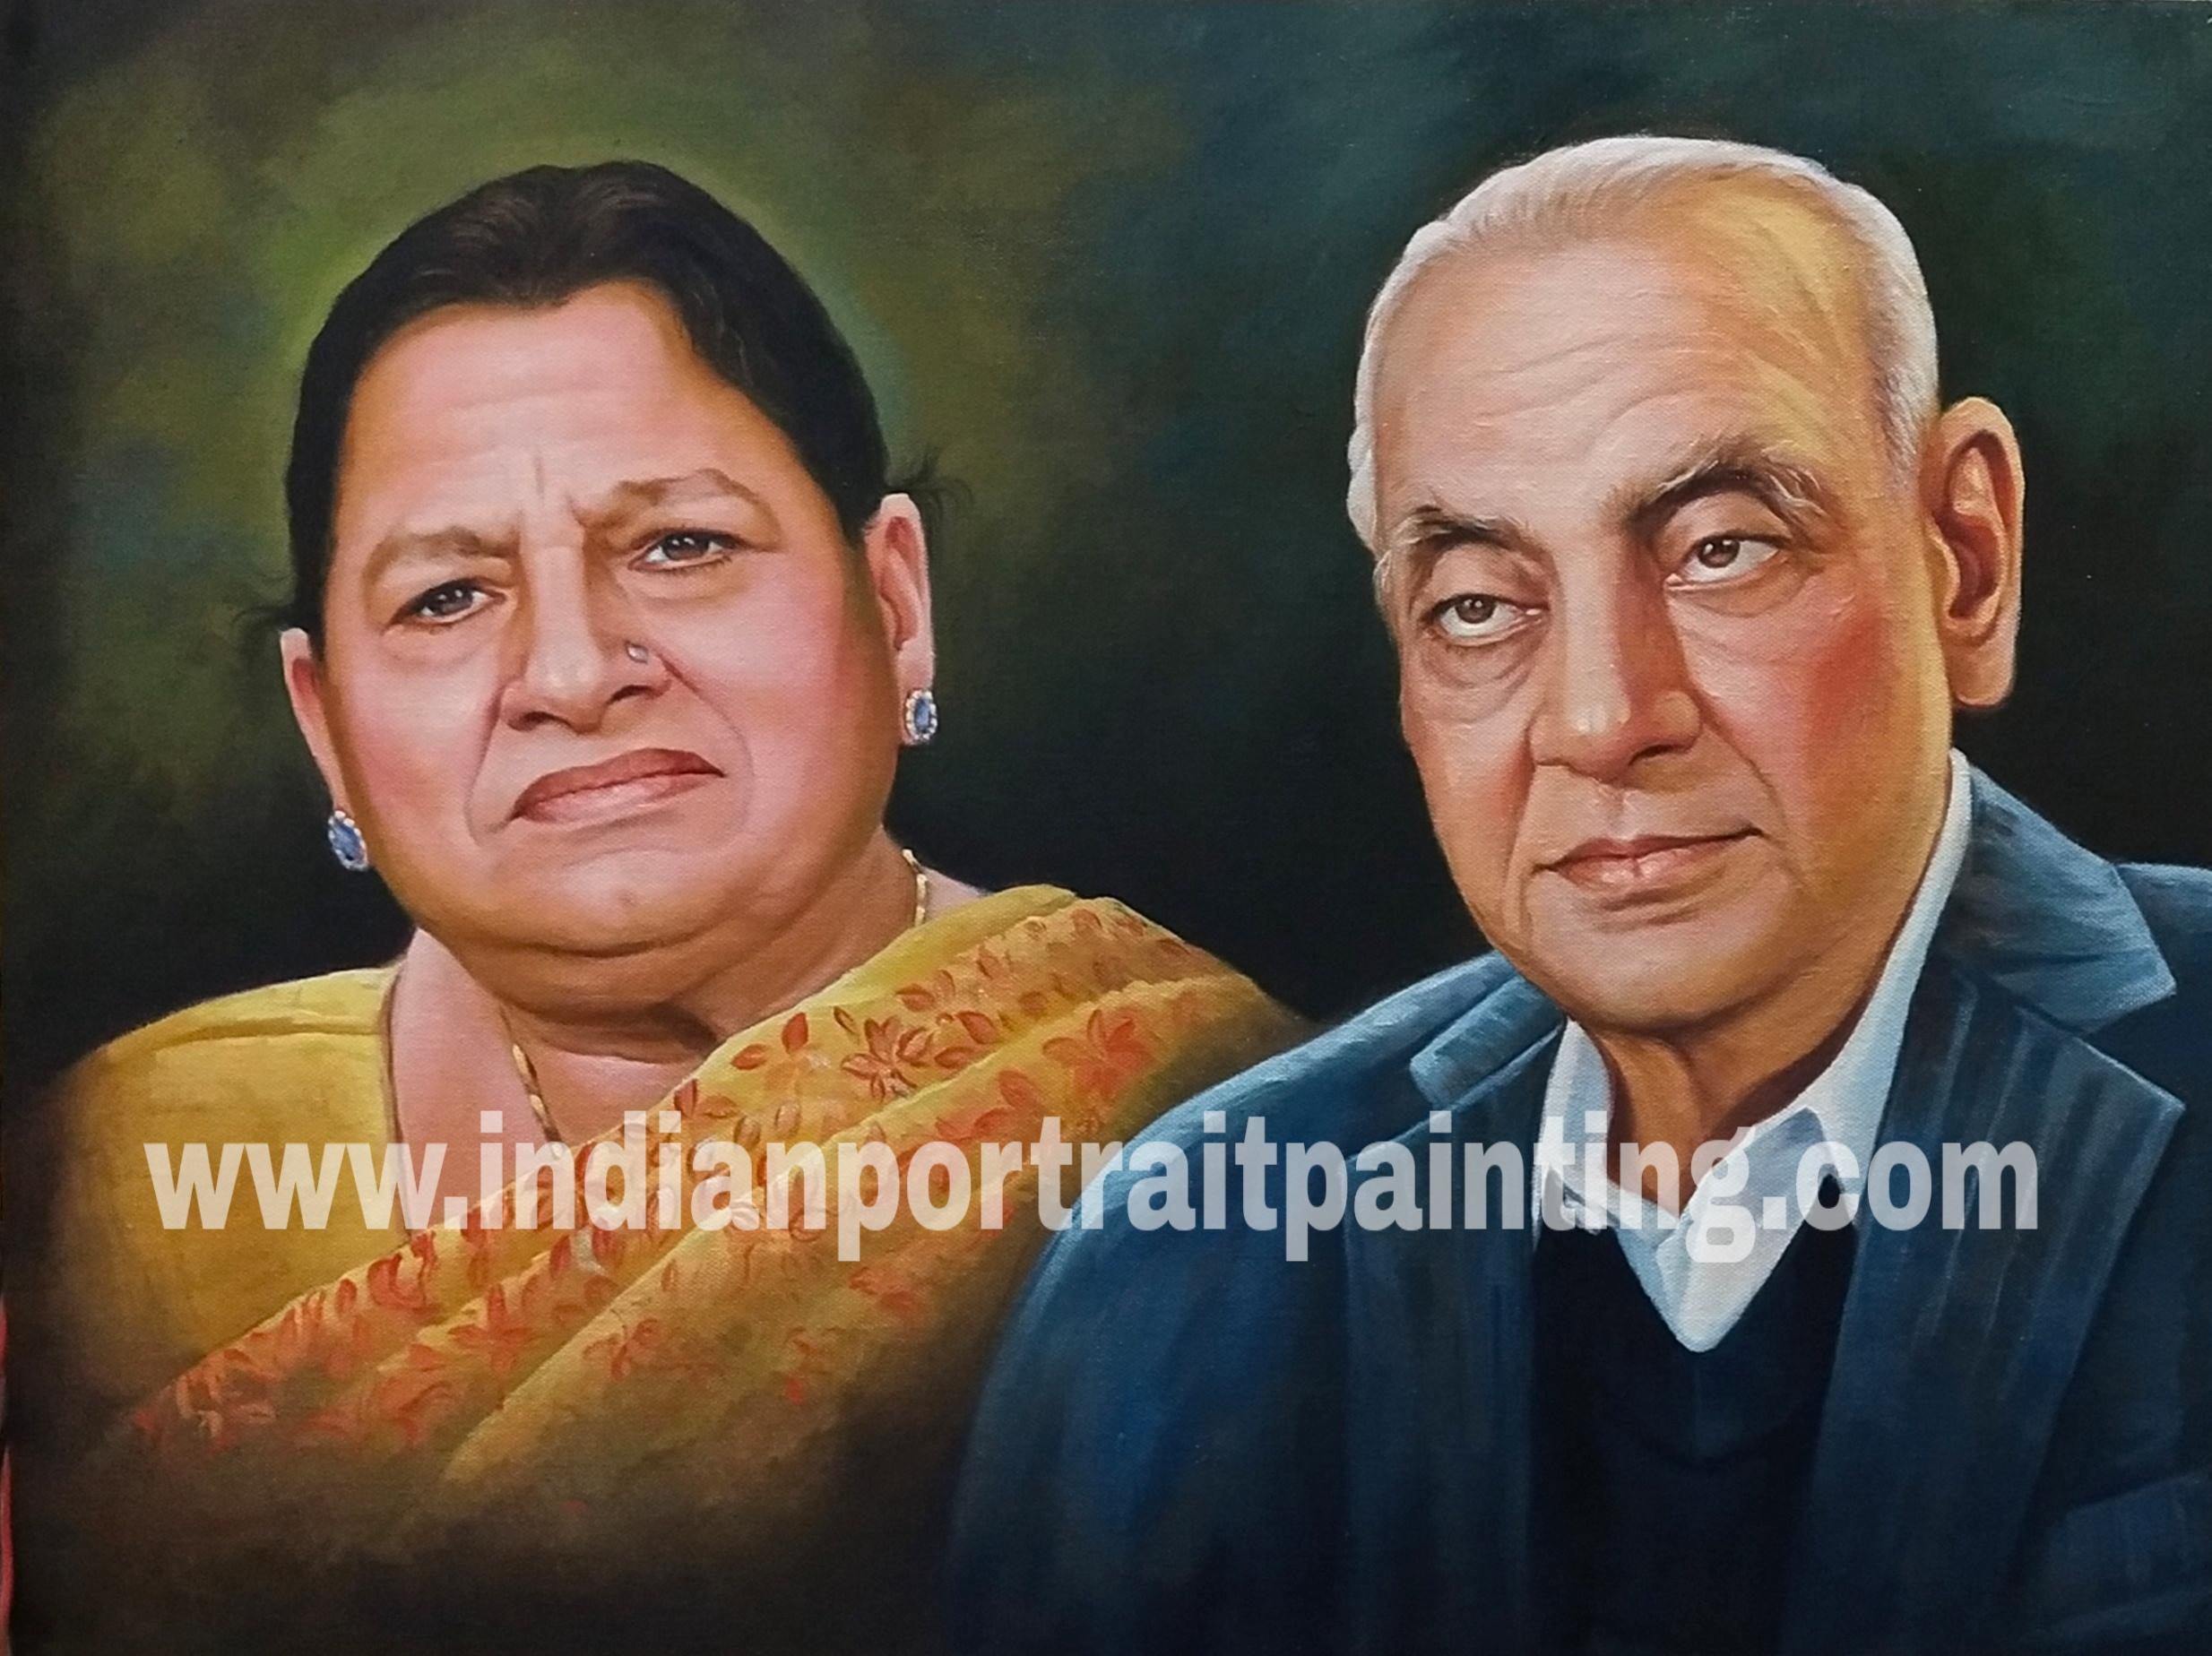 Grand parents portrait painting